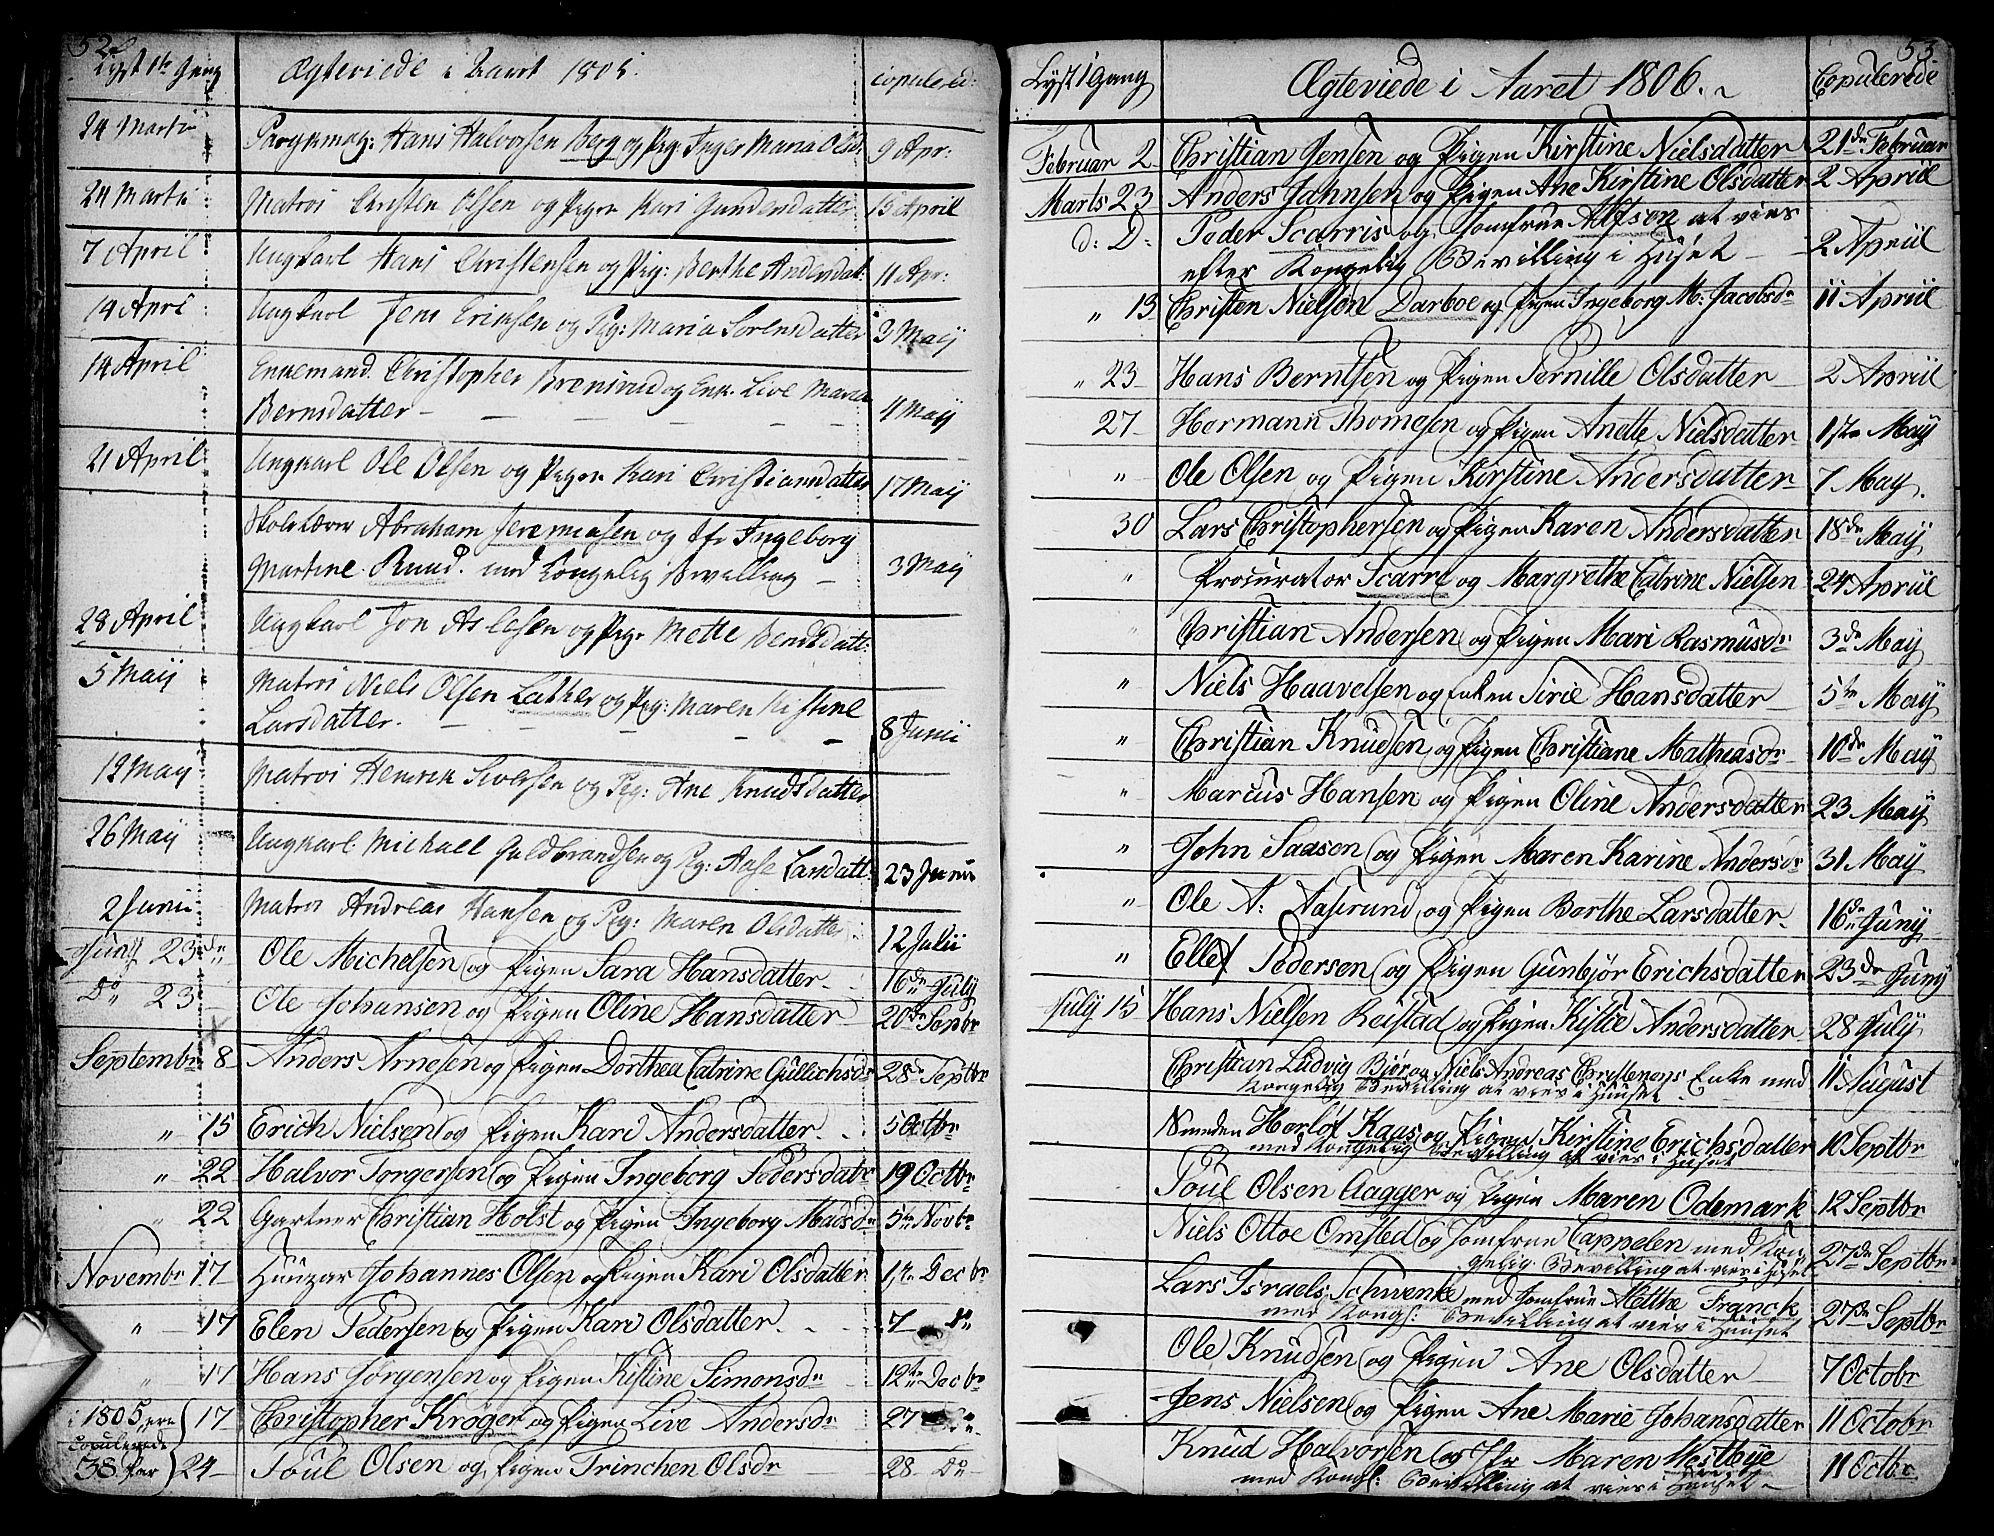 SAKO, Bragernes kirkebøker, F/Fa/L0006a: Ministerialbok nr. I 6, 1782-1814, s. 52-53